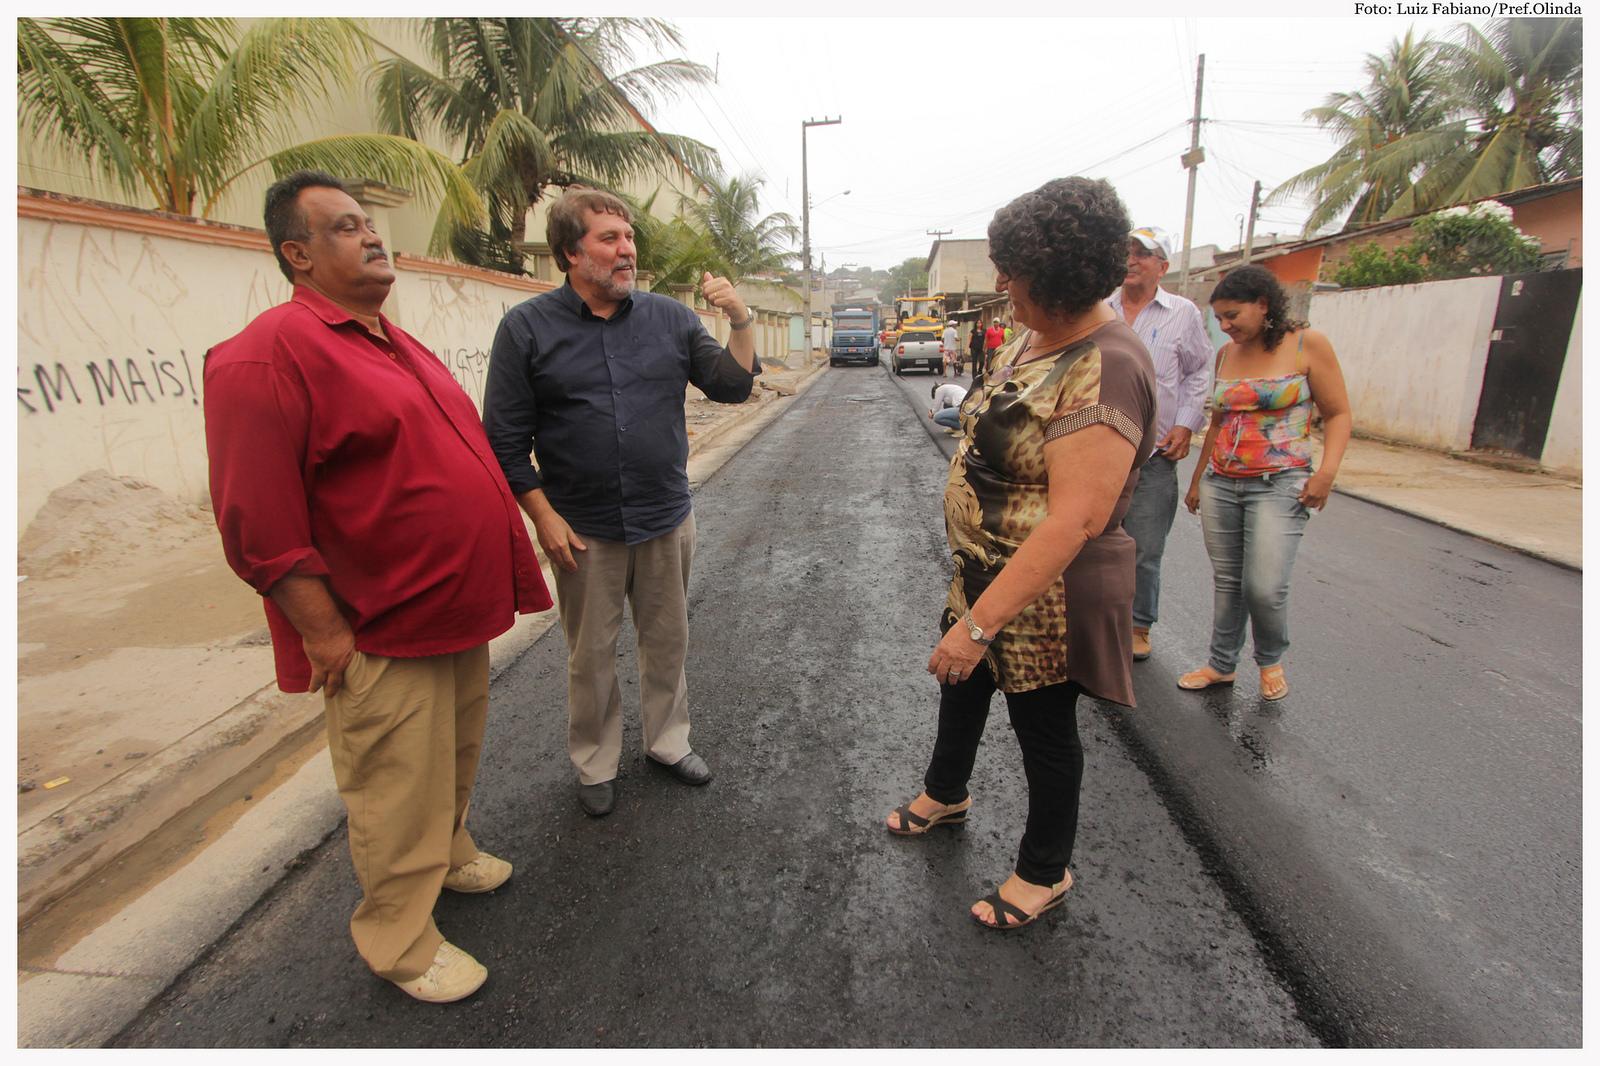 Foto: Luiz Fabiano/Pref.Olinda